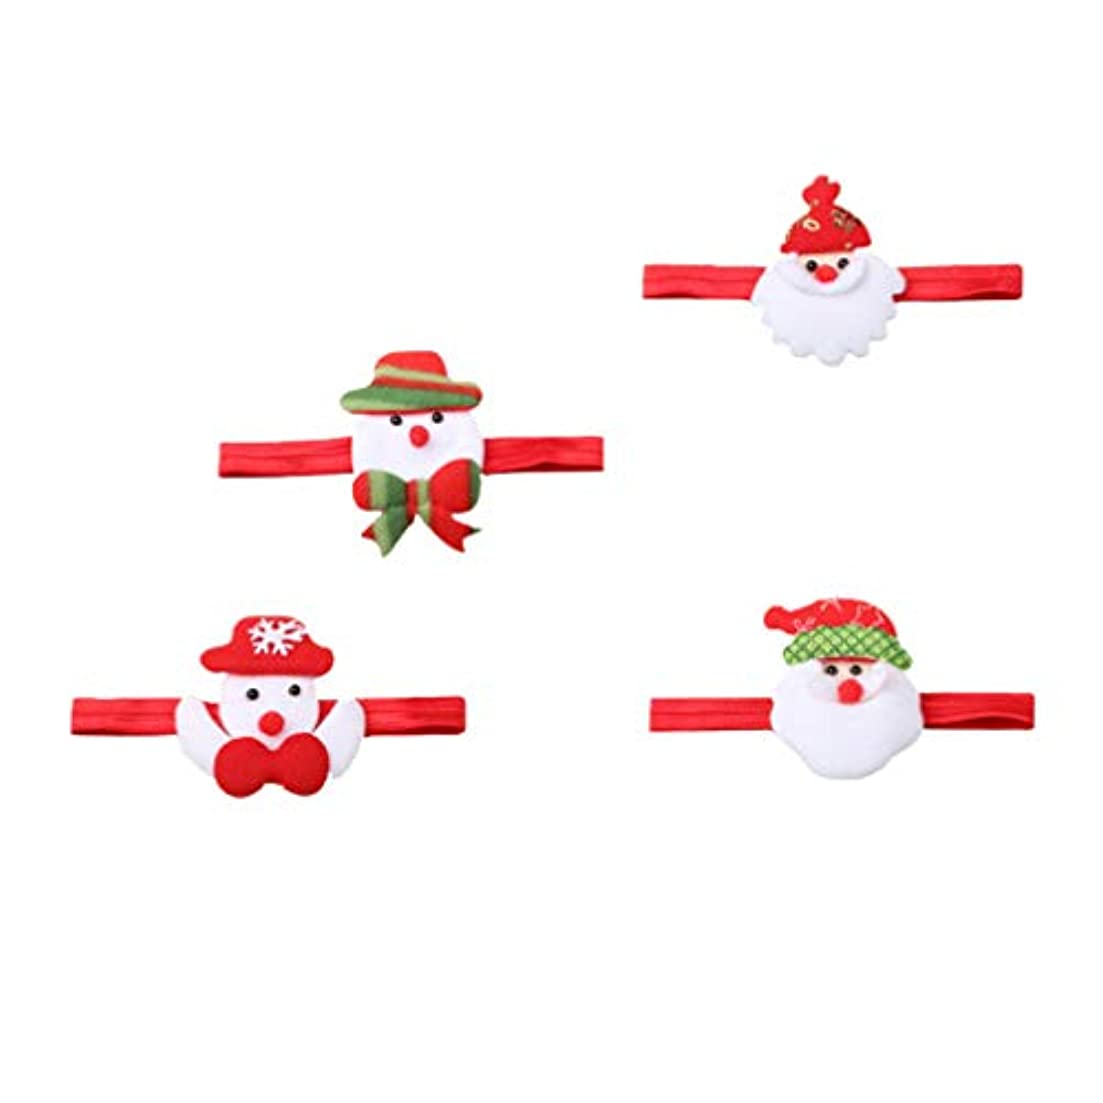 保守的生息地説明するLurrose クリスマスサンタカチューシャ雪だるまヘアバンド漫画サンタクロース頭飾り用クリスマスホリデーパーティー4ピース